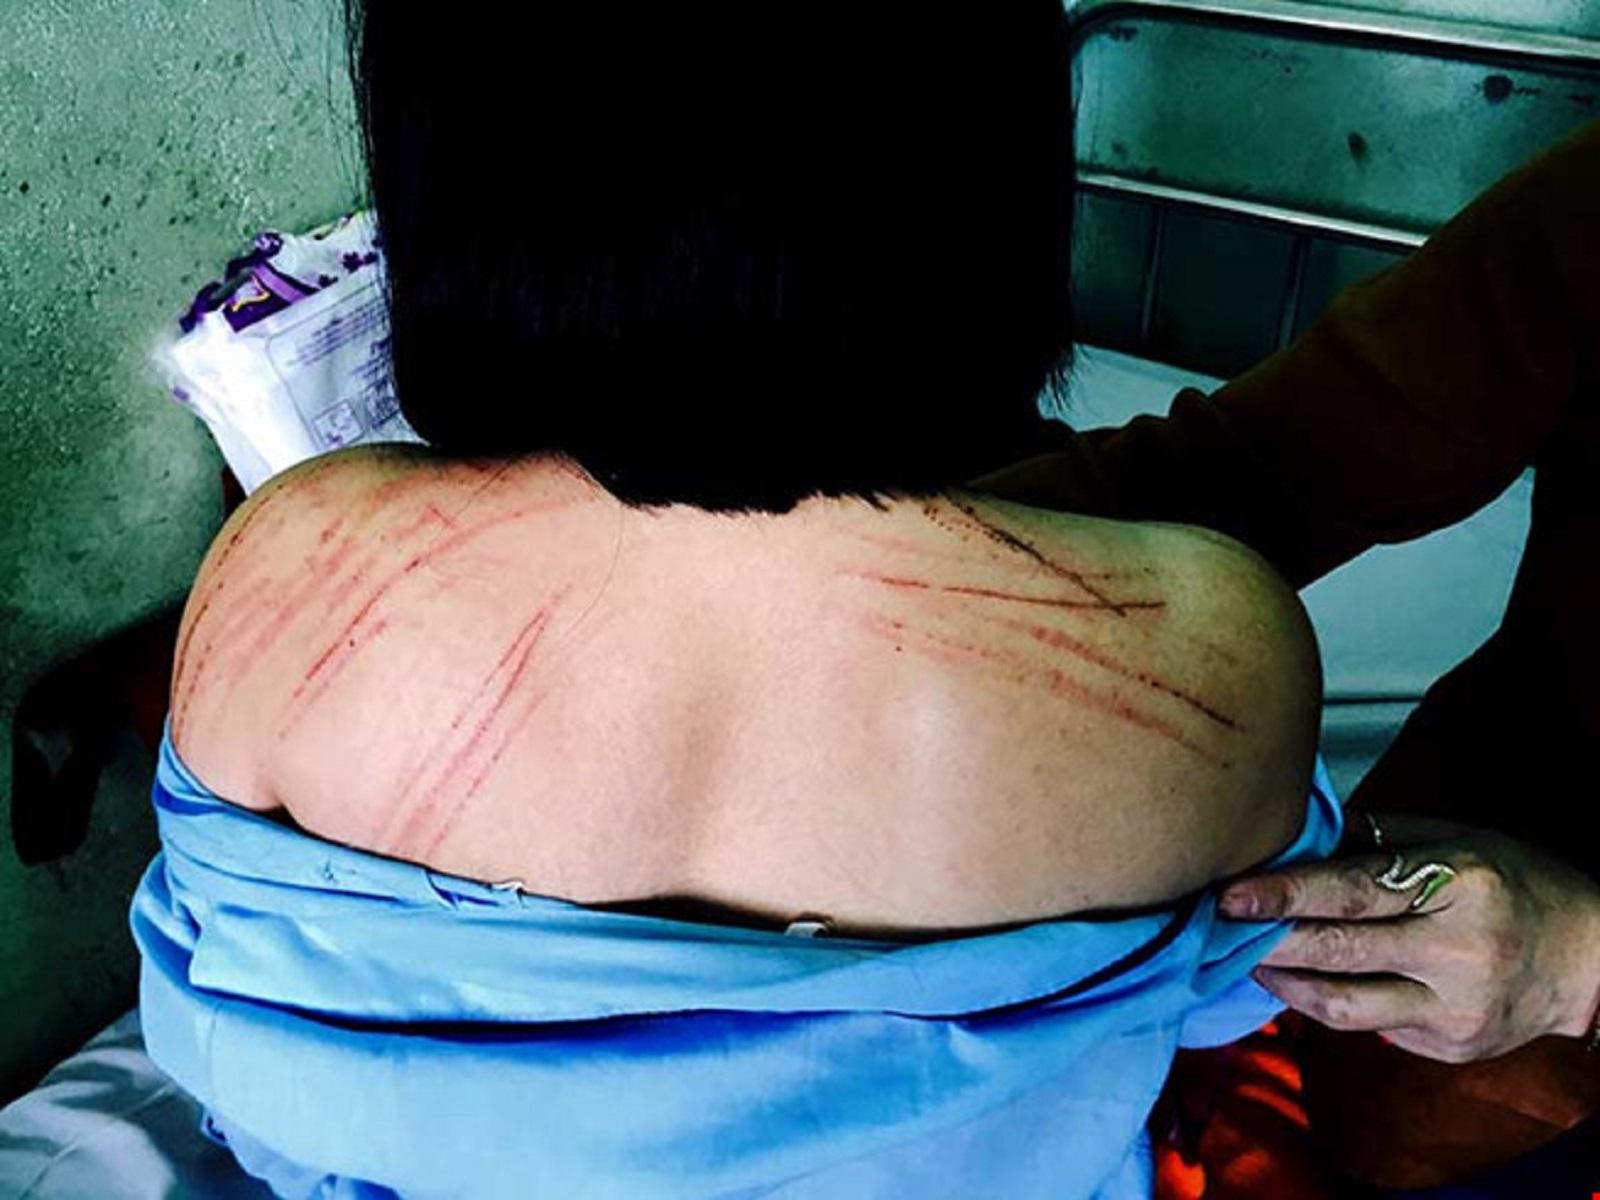 Gia Lai: Vụ nữ luật sư bị đánh gãy răng tại tòa - Công an thụ lý điều tra